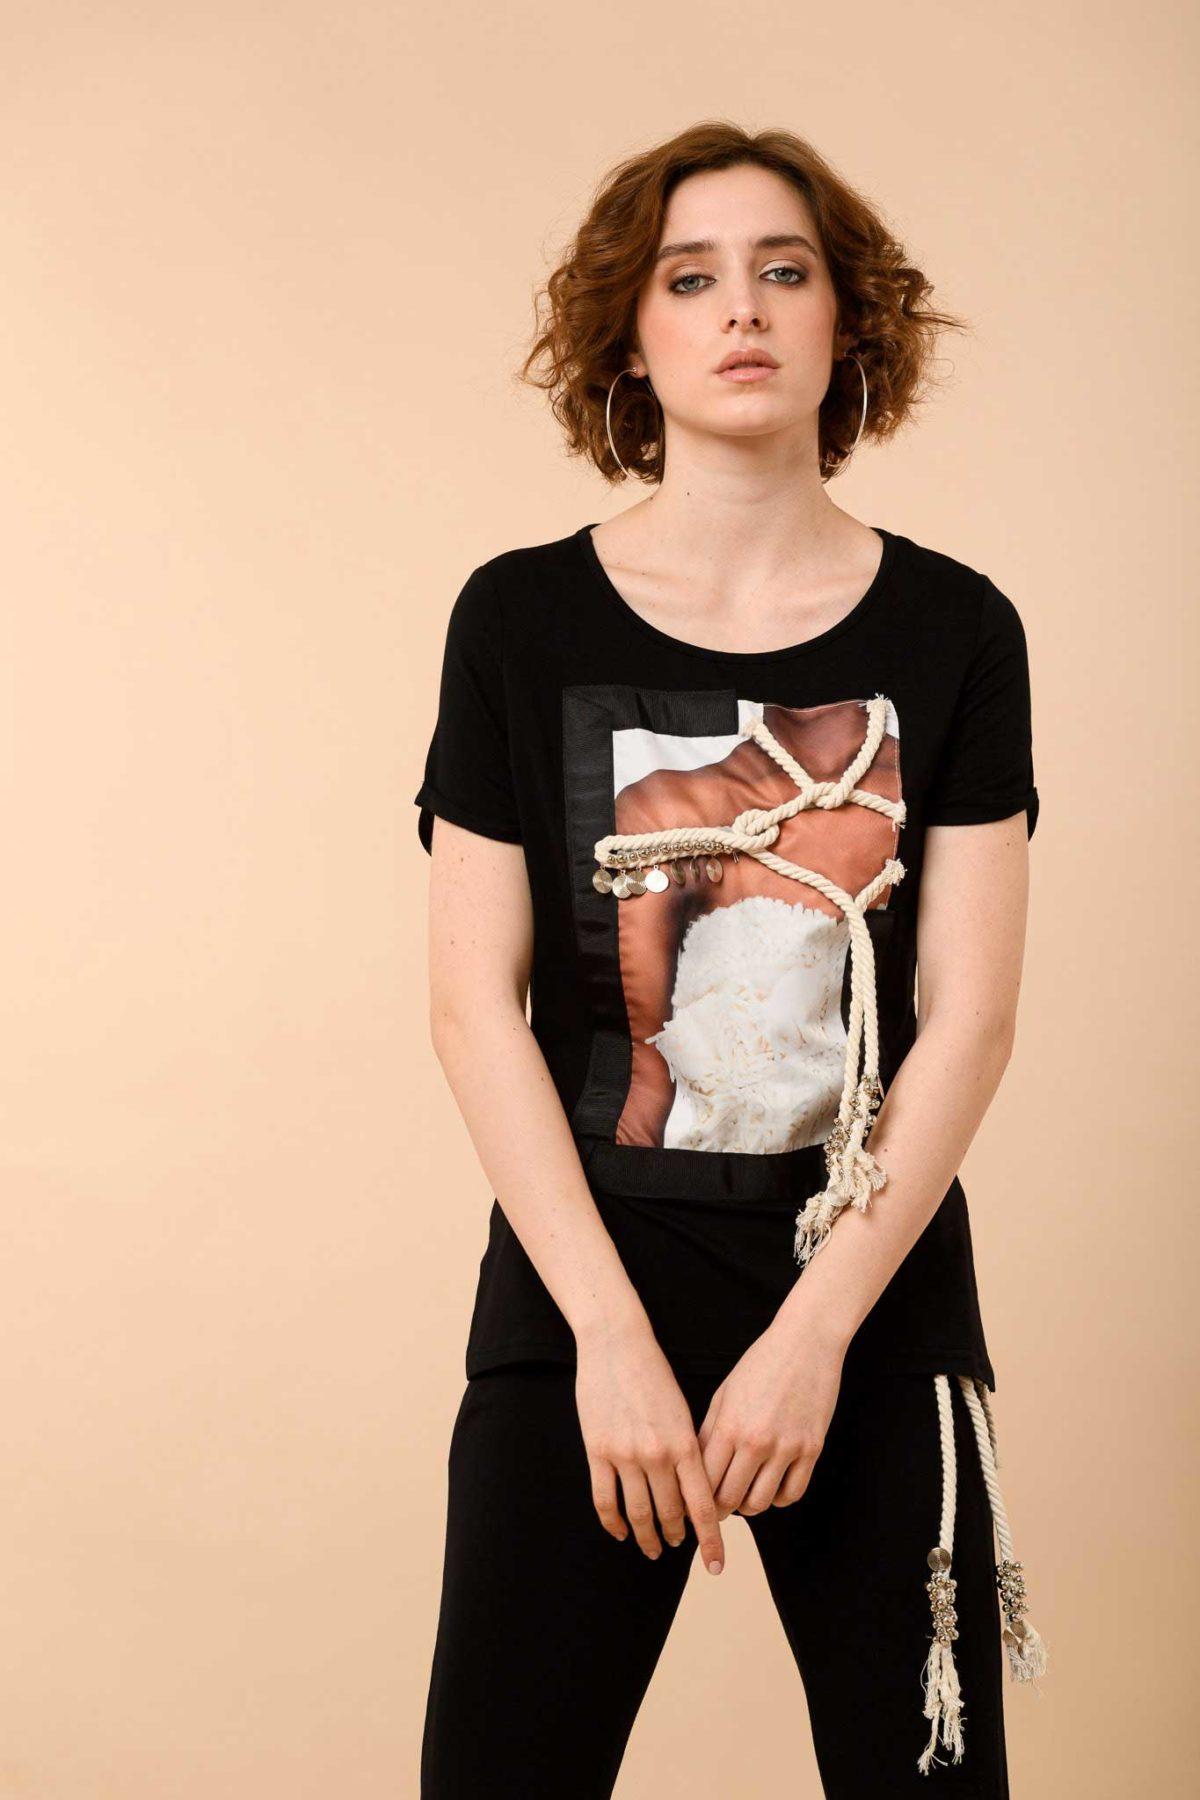 μπλούζα με σχέδιο